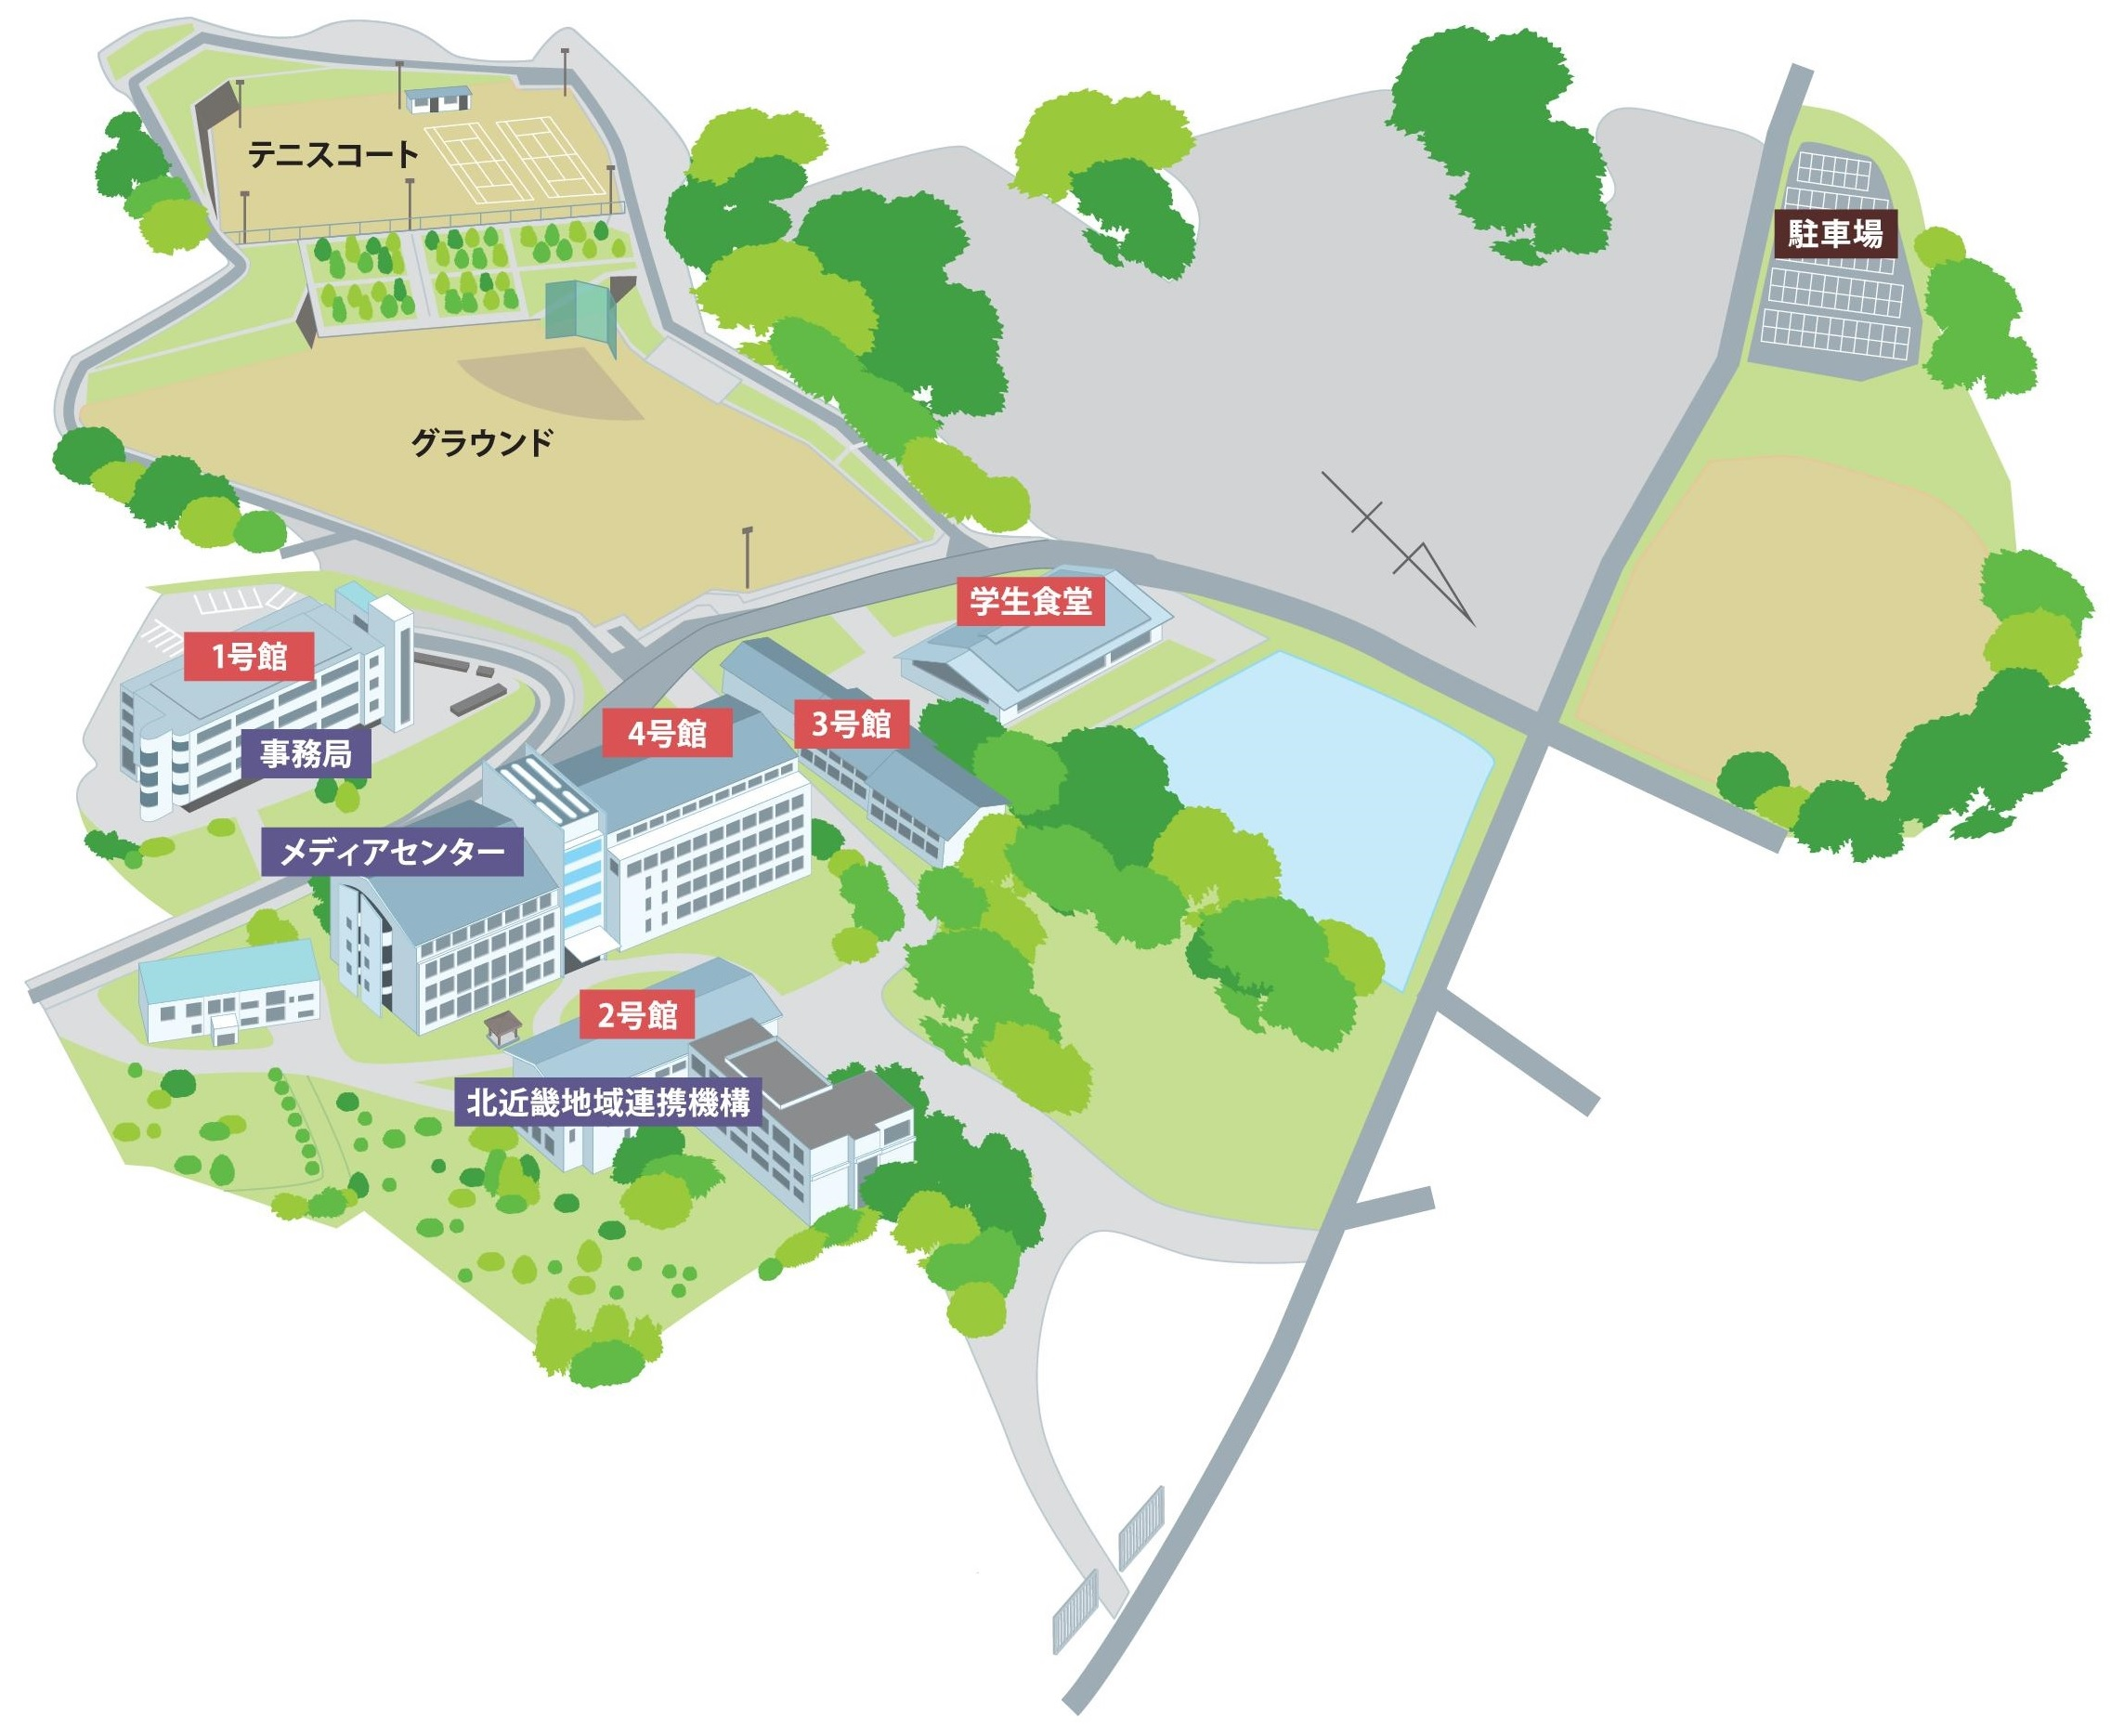 キャンパスマップ | 福知山公立大学